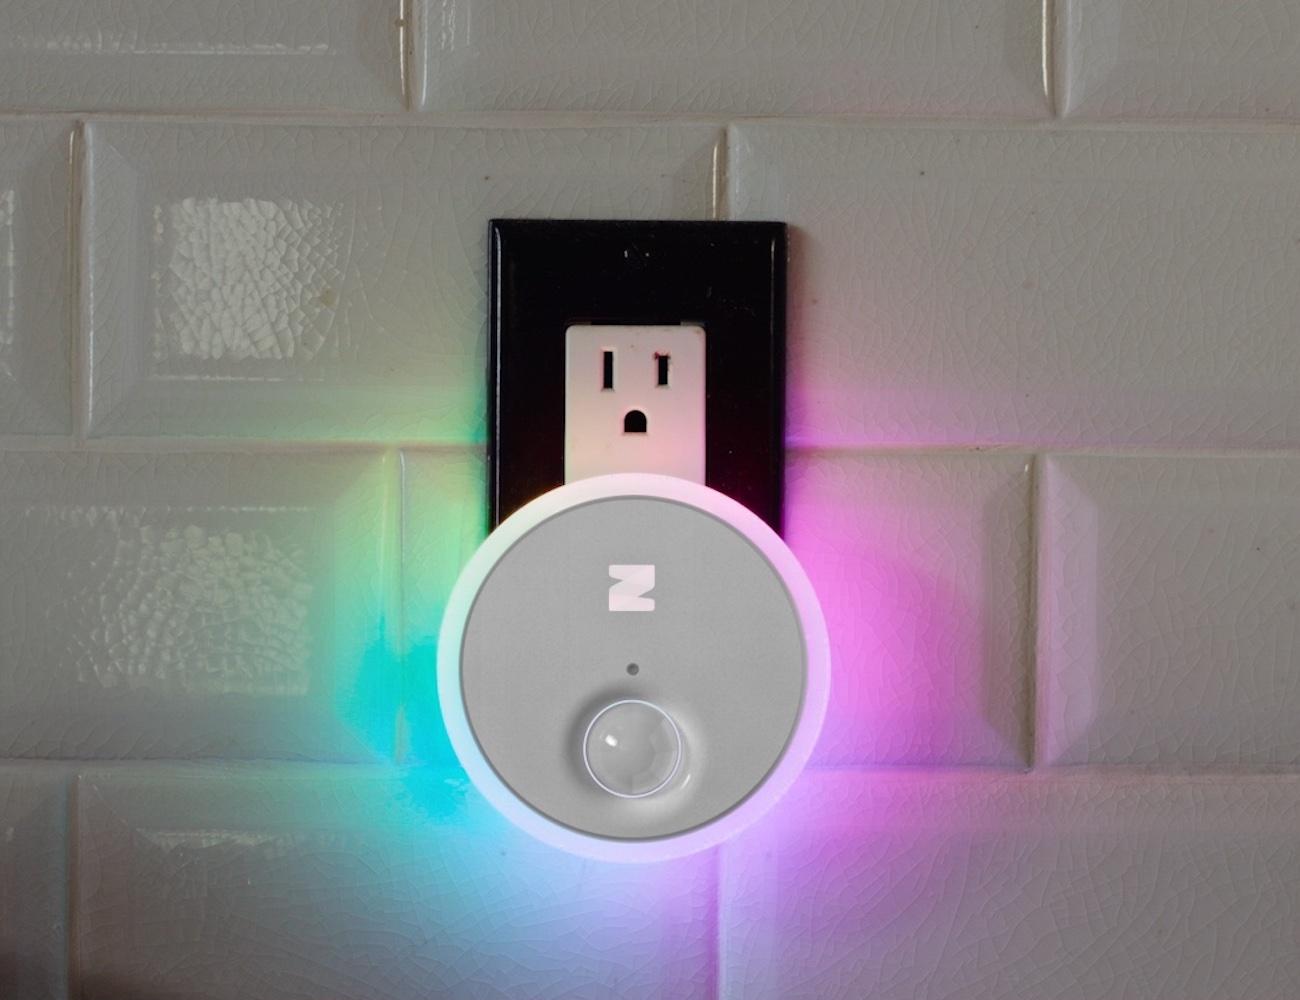 Zing Smart AI Night Light